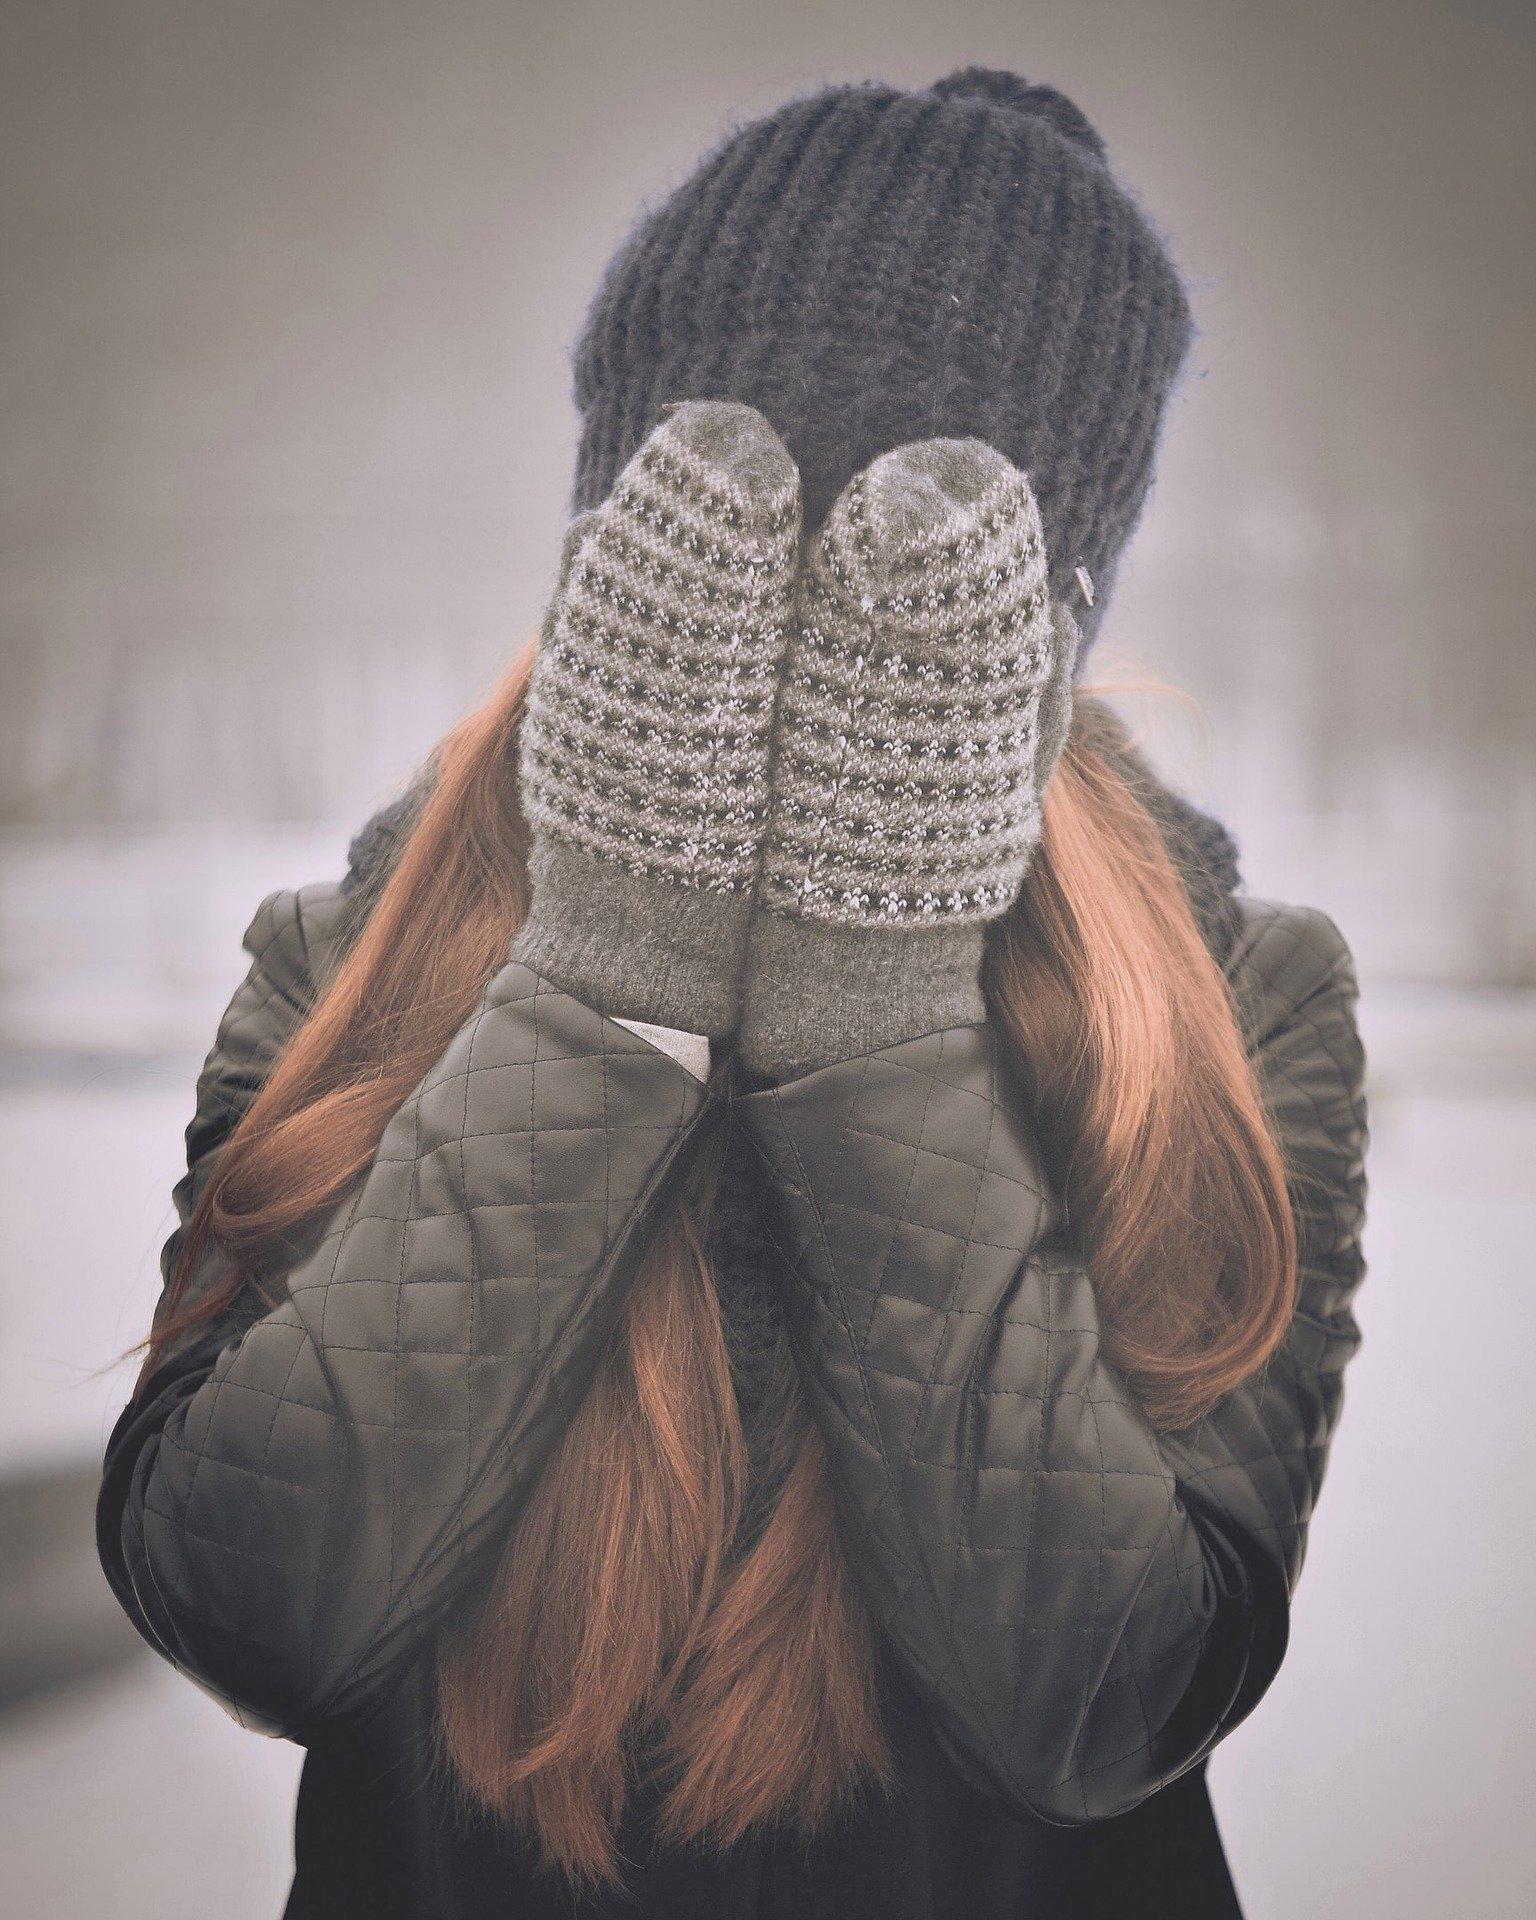 Mulher usando touca e luvas cobrindo o rosto